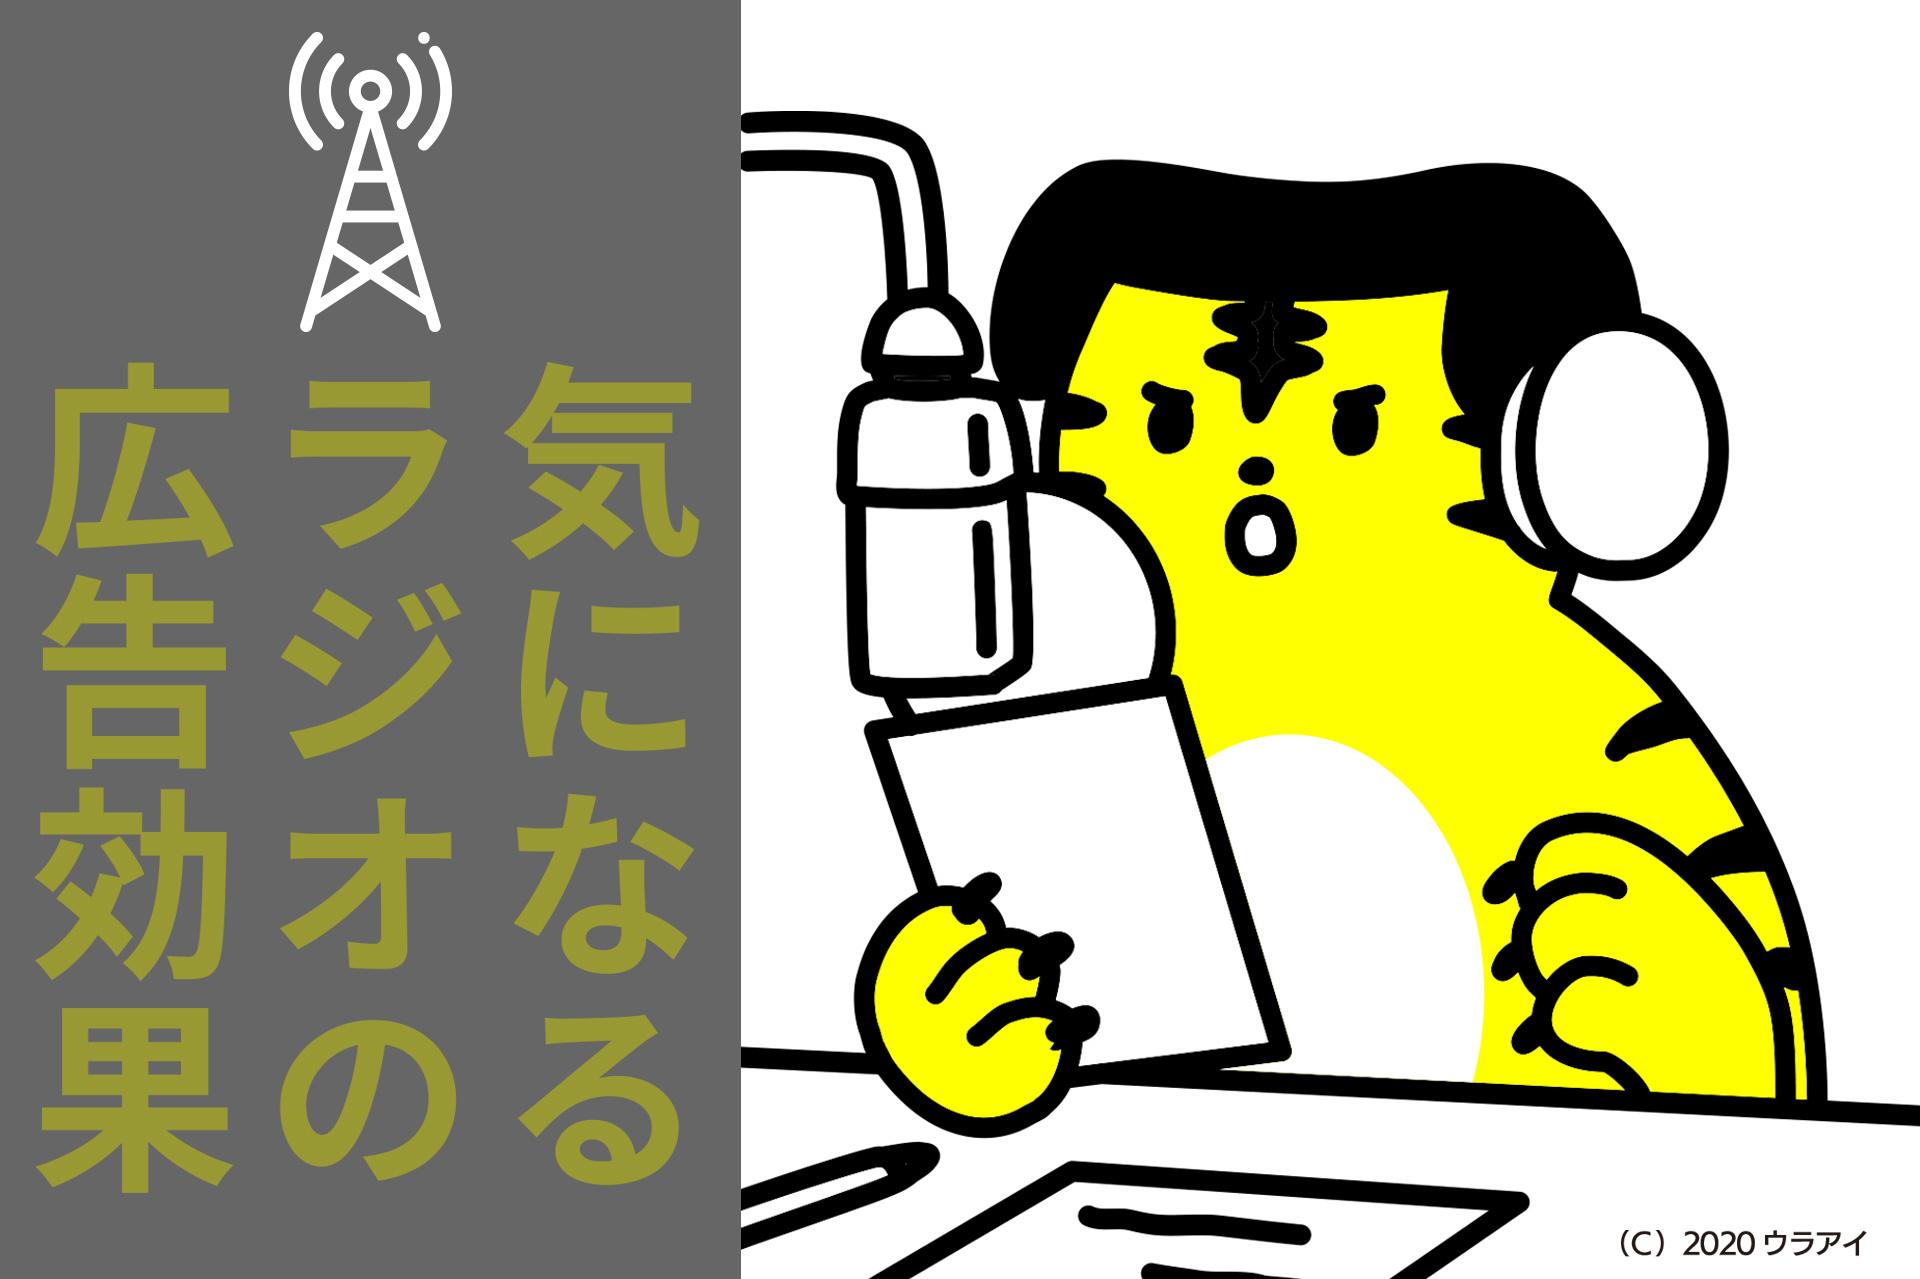 ラジオ広告の効果測定